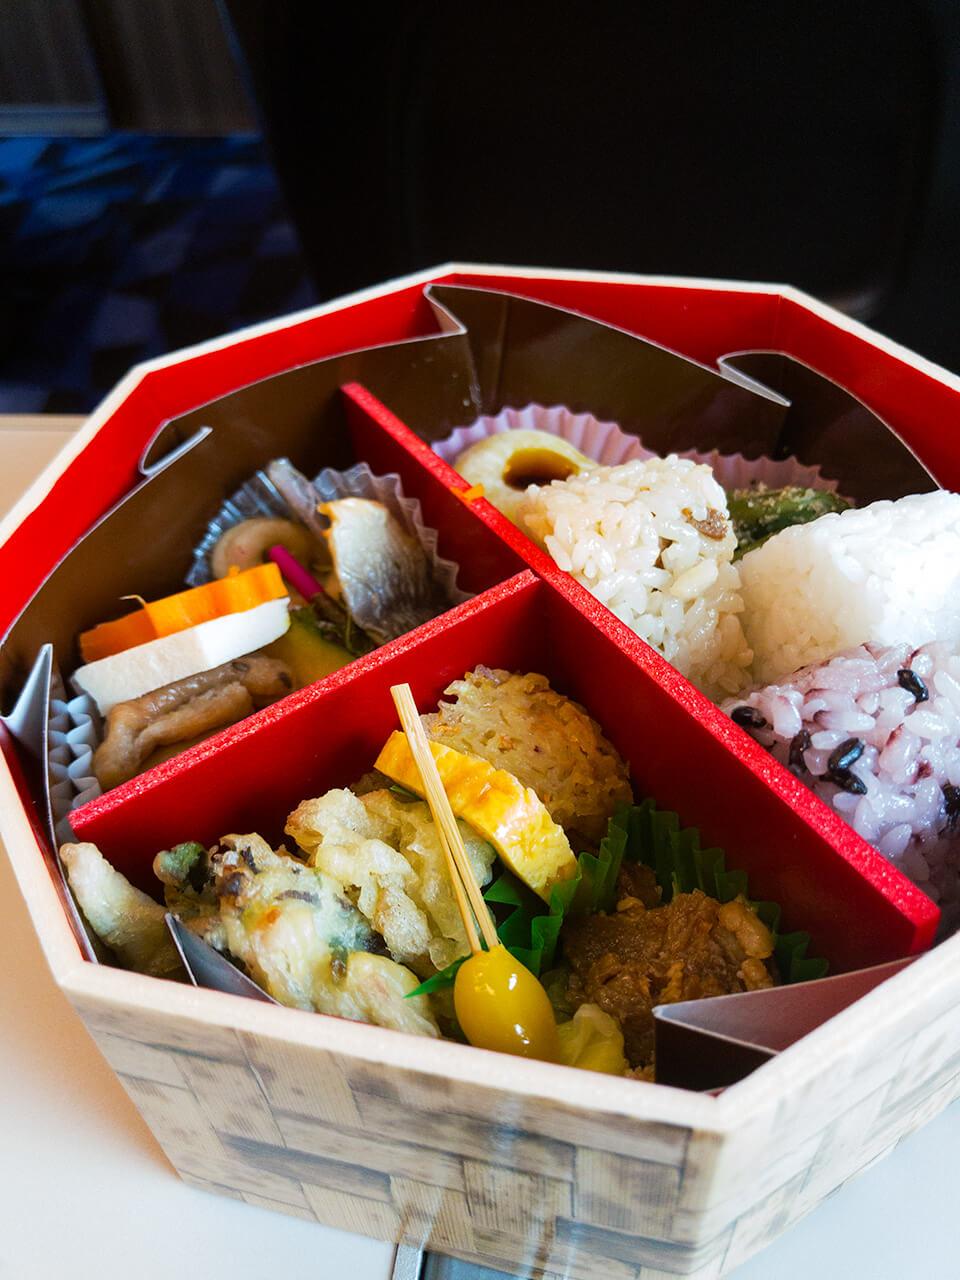 東京駅 駅弁屋 祭 女将のおもてなし弁当